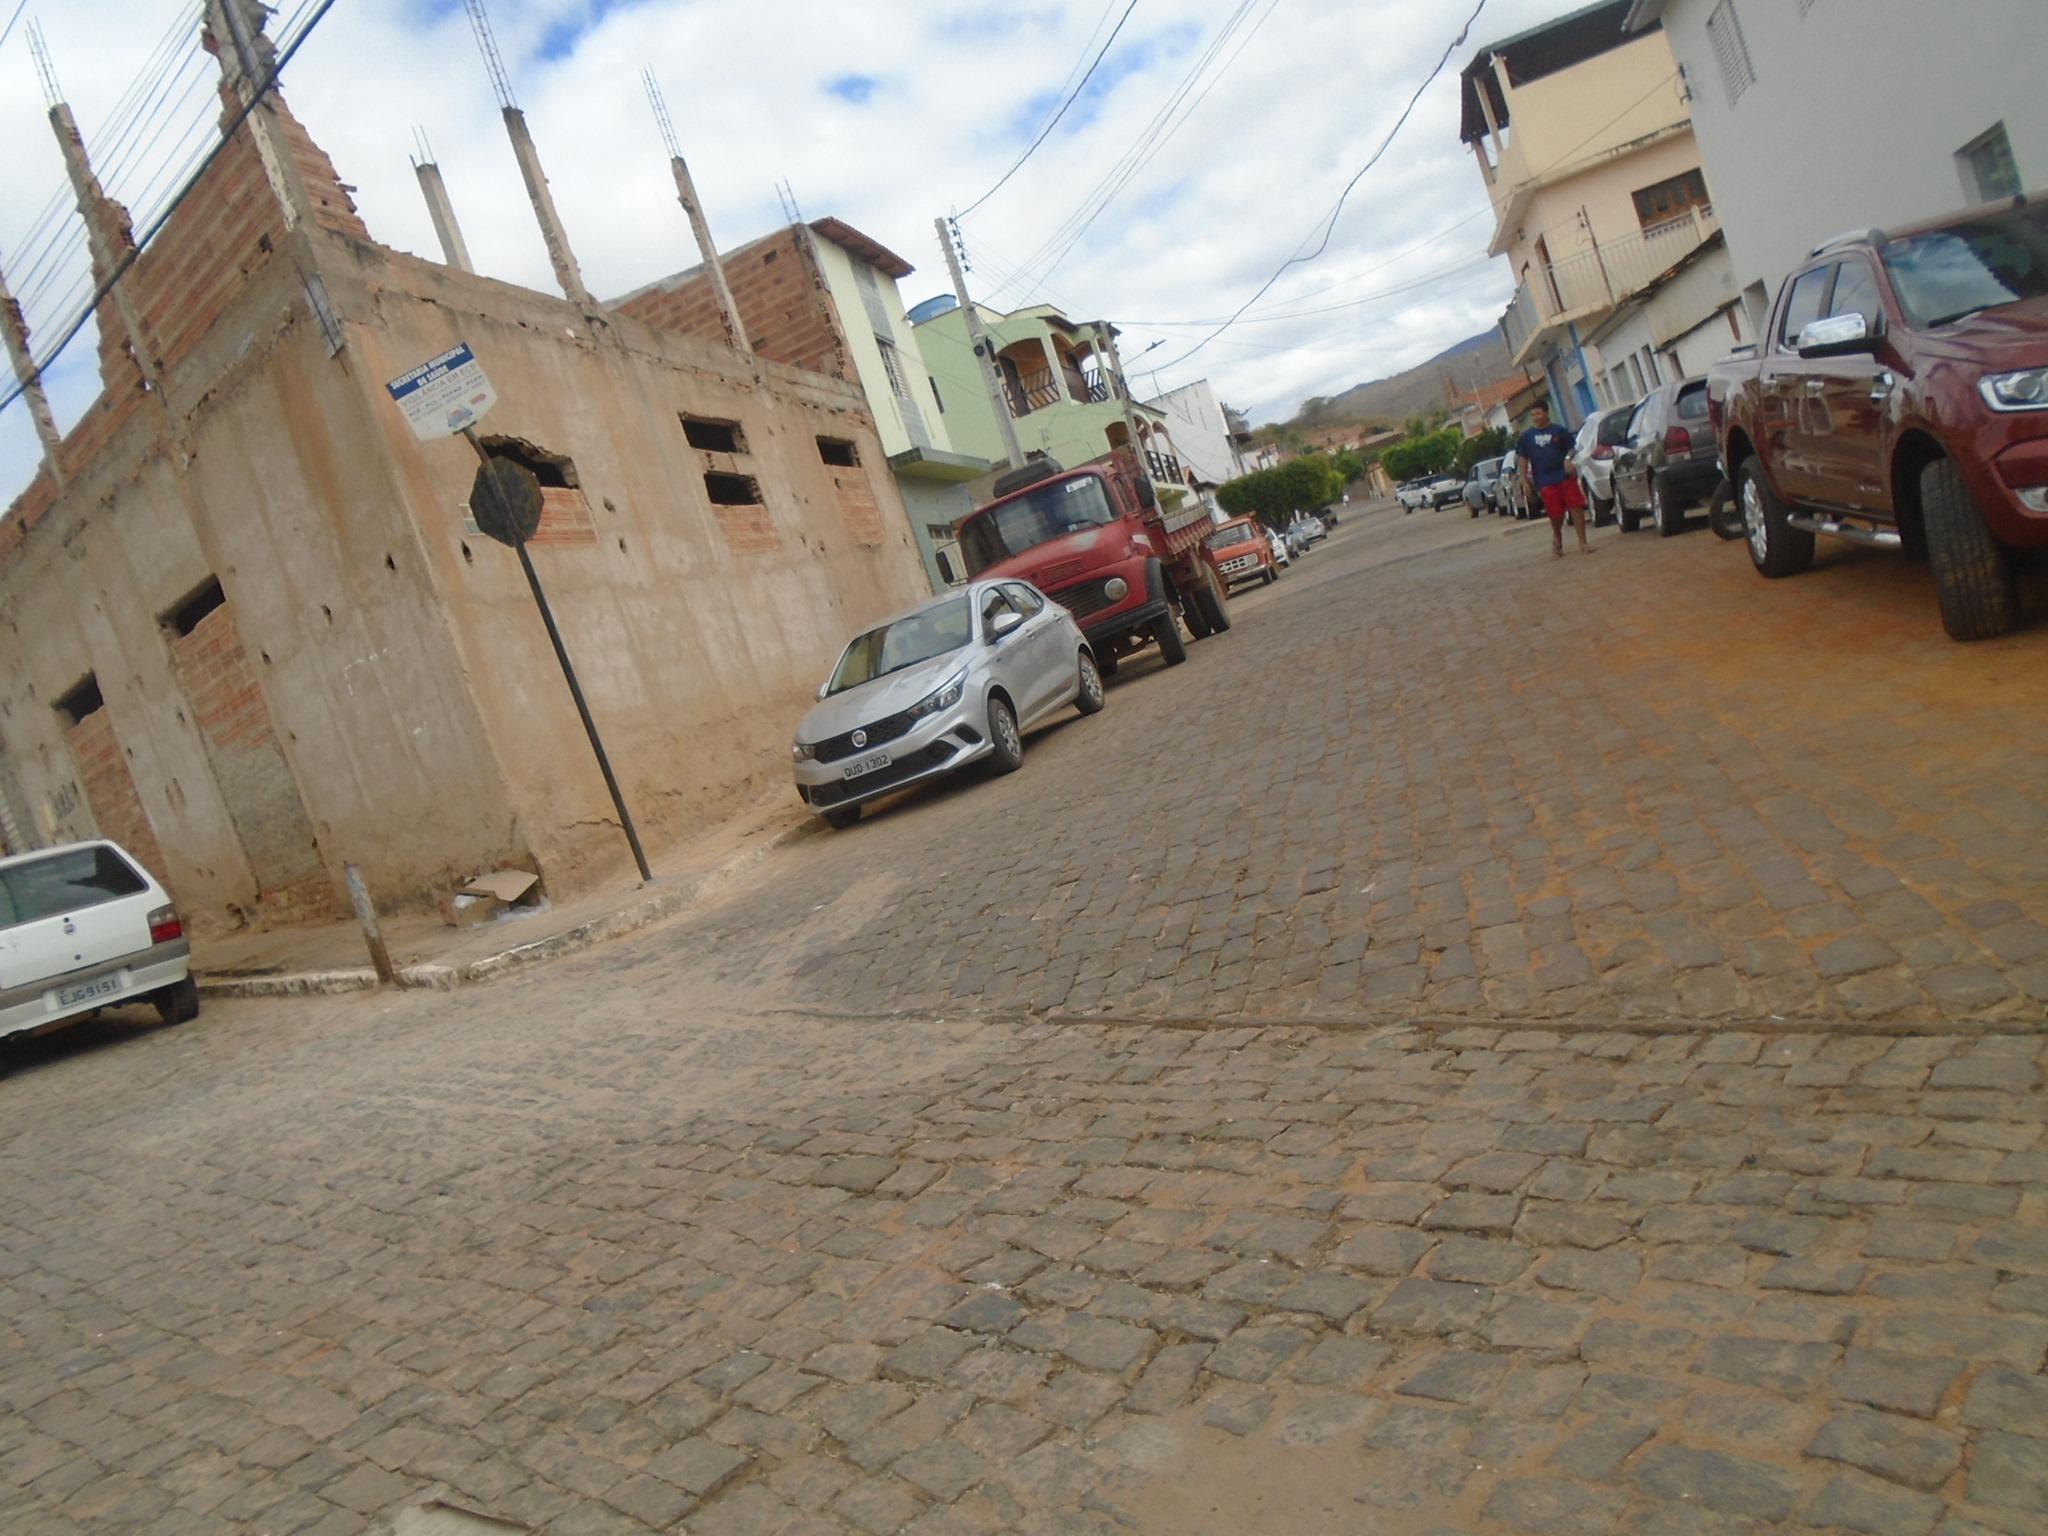 Fotos-uit-de-regio-van-Ibitiara-en-Seabra-aan-de-grote-BR-242-95